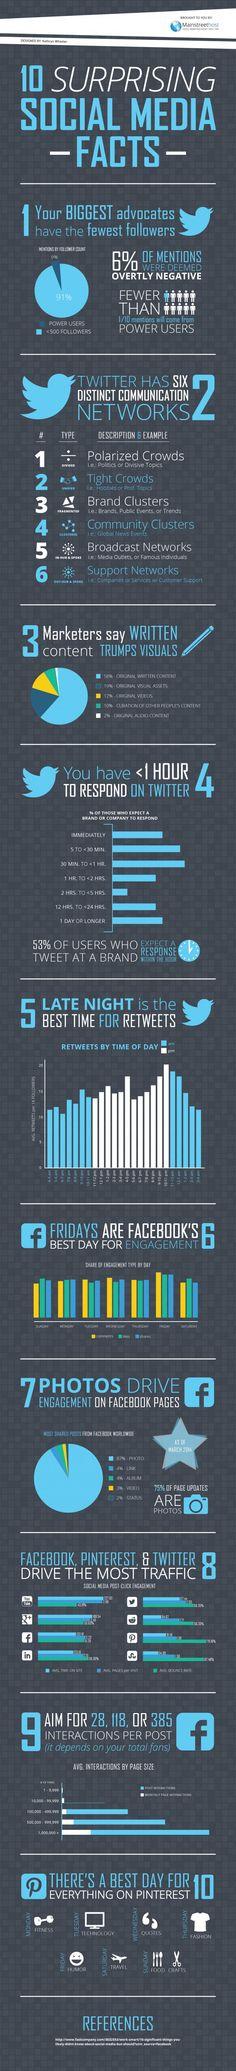 10 Interesting Social Media Facts